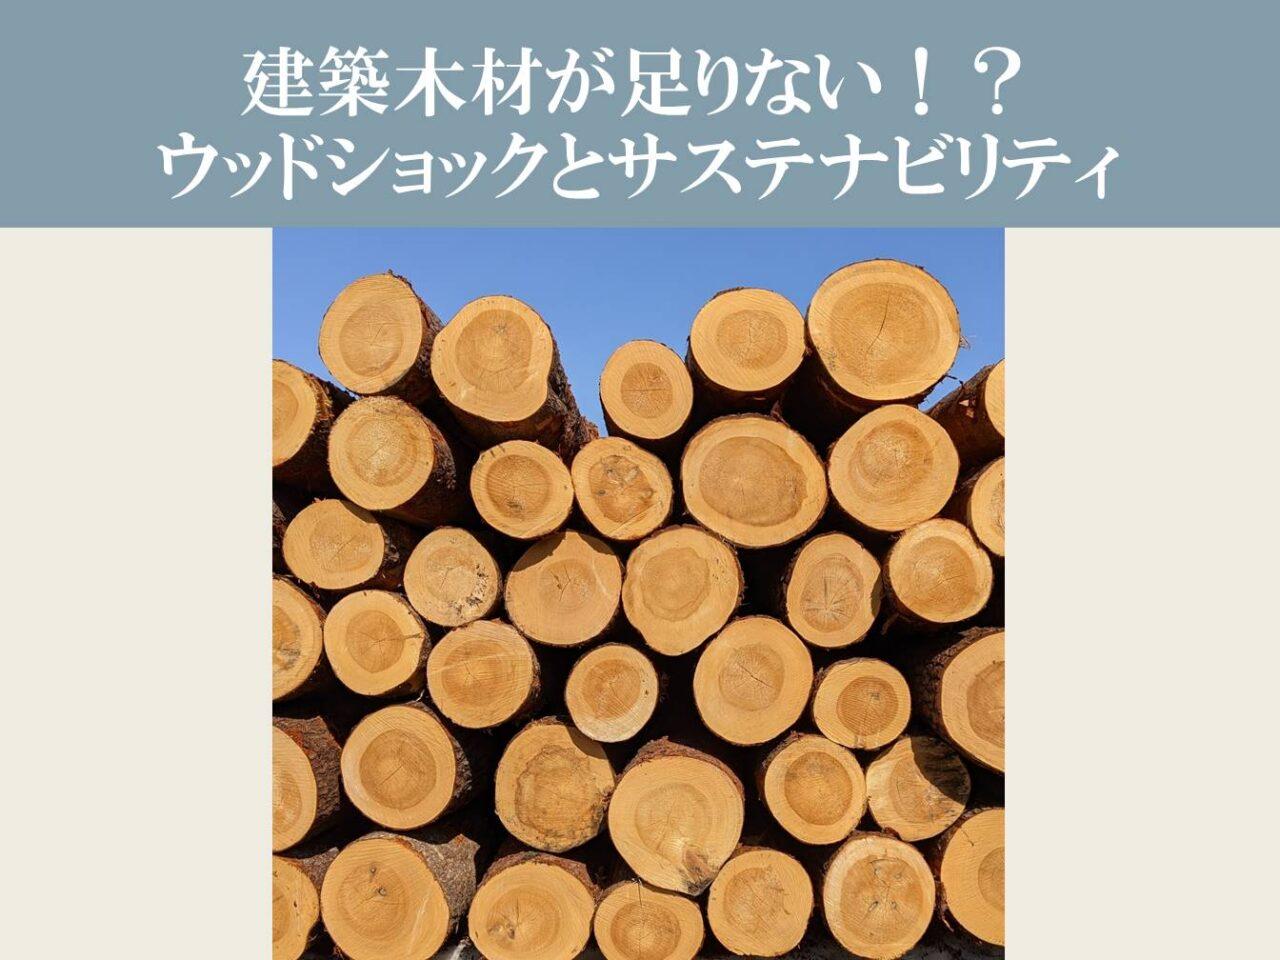 建築木材が足りない!?ウッドショックとサステナビリティ